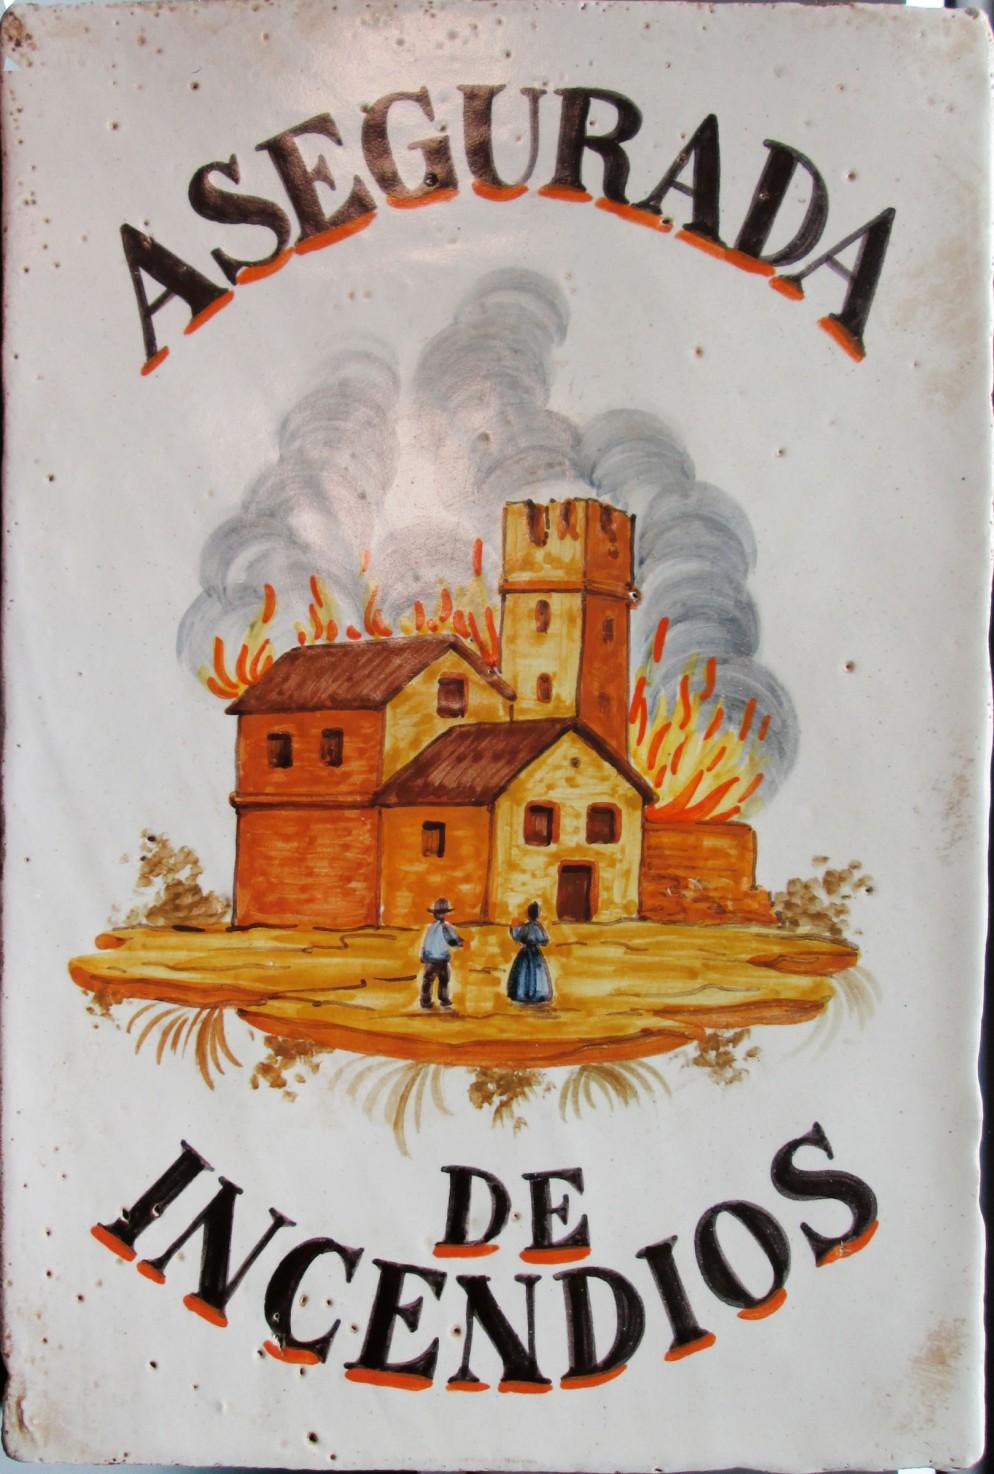 Targa-incendio spagnola in ceramica